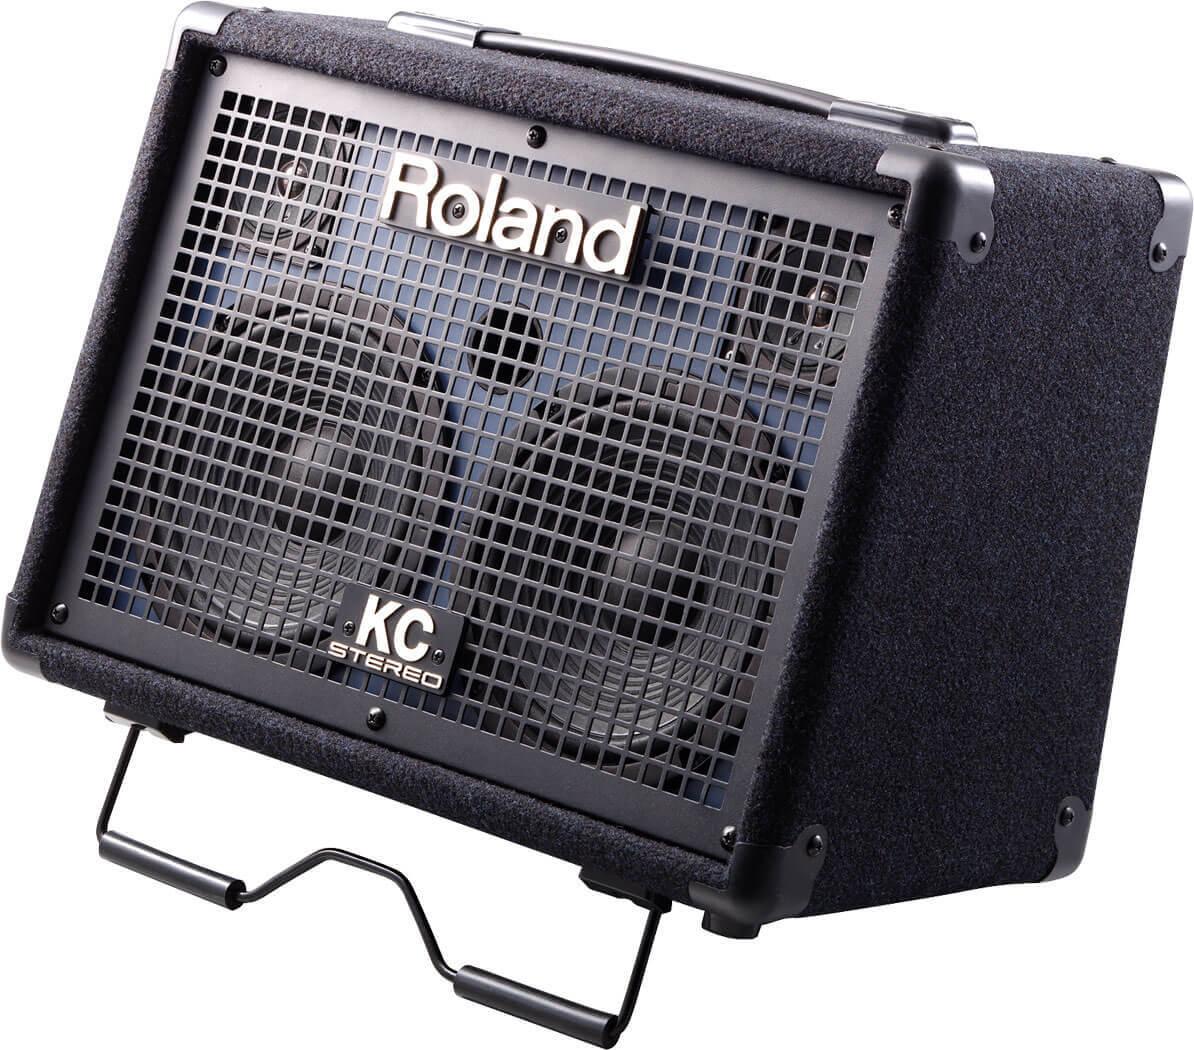 罗兰 Roland KC-110 键盘音箱